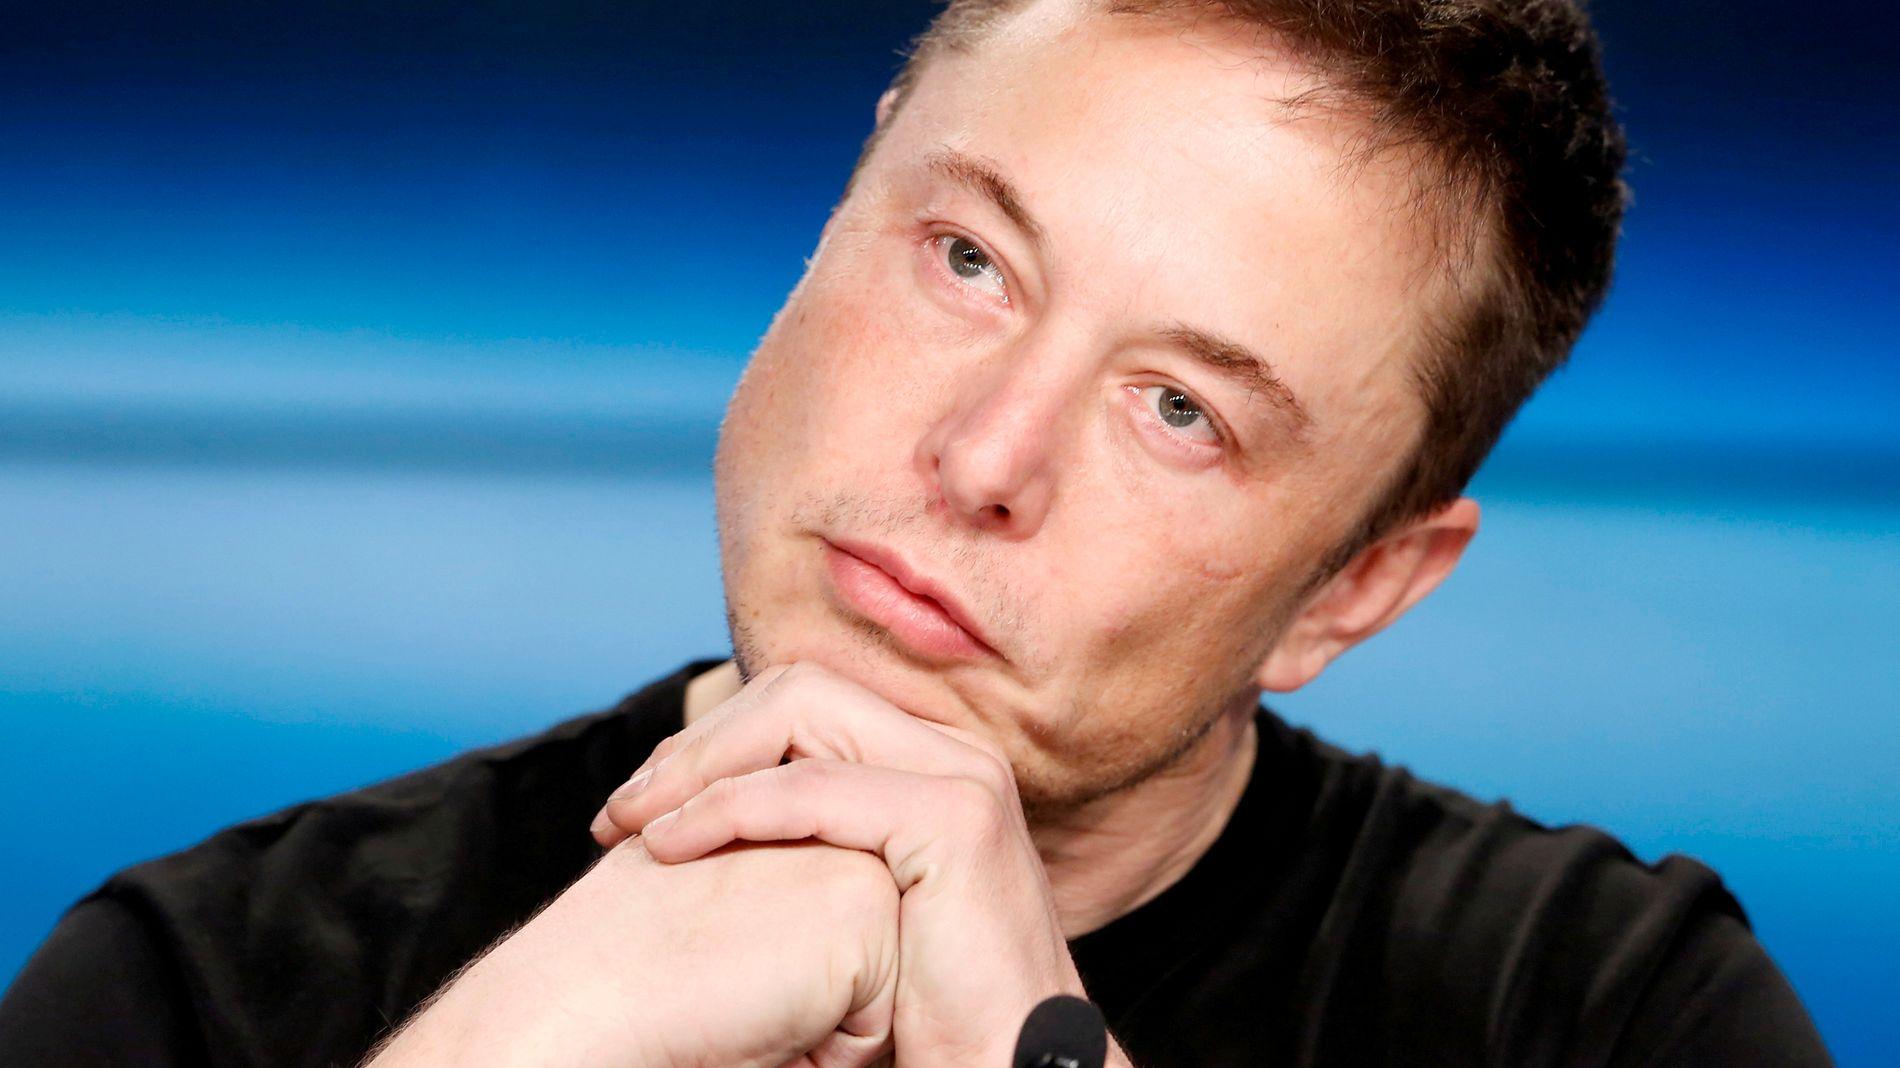 DYSTE FREMTIDSUTSIKTER: Elon Musk har skapt spekulasjoner etter at han ha tvitret om å ta Tesla av børs. En dårlig idé om det er sant, mener E24-spaltist Salvador Baille.